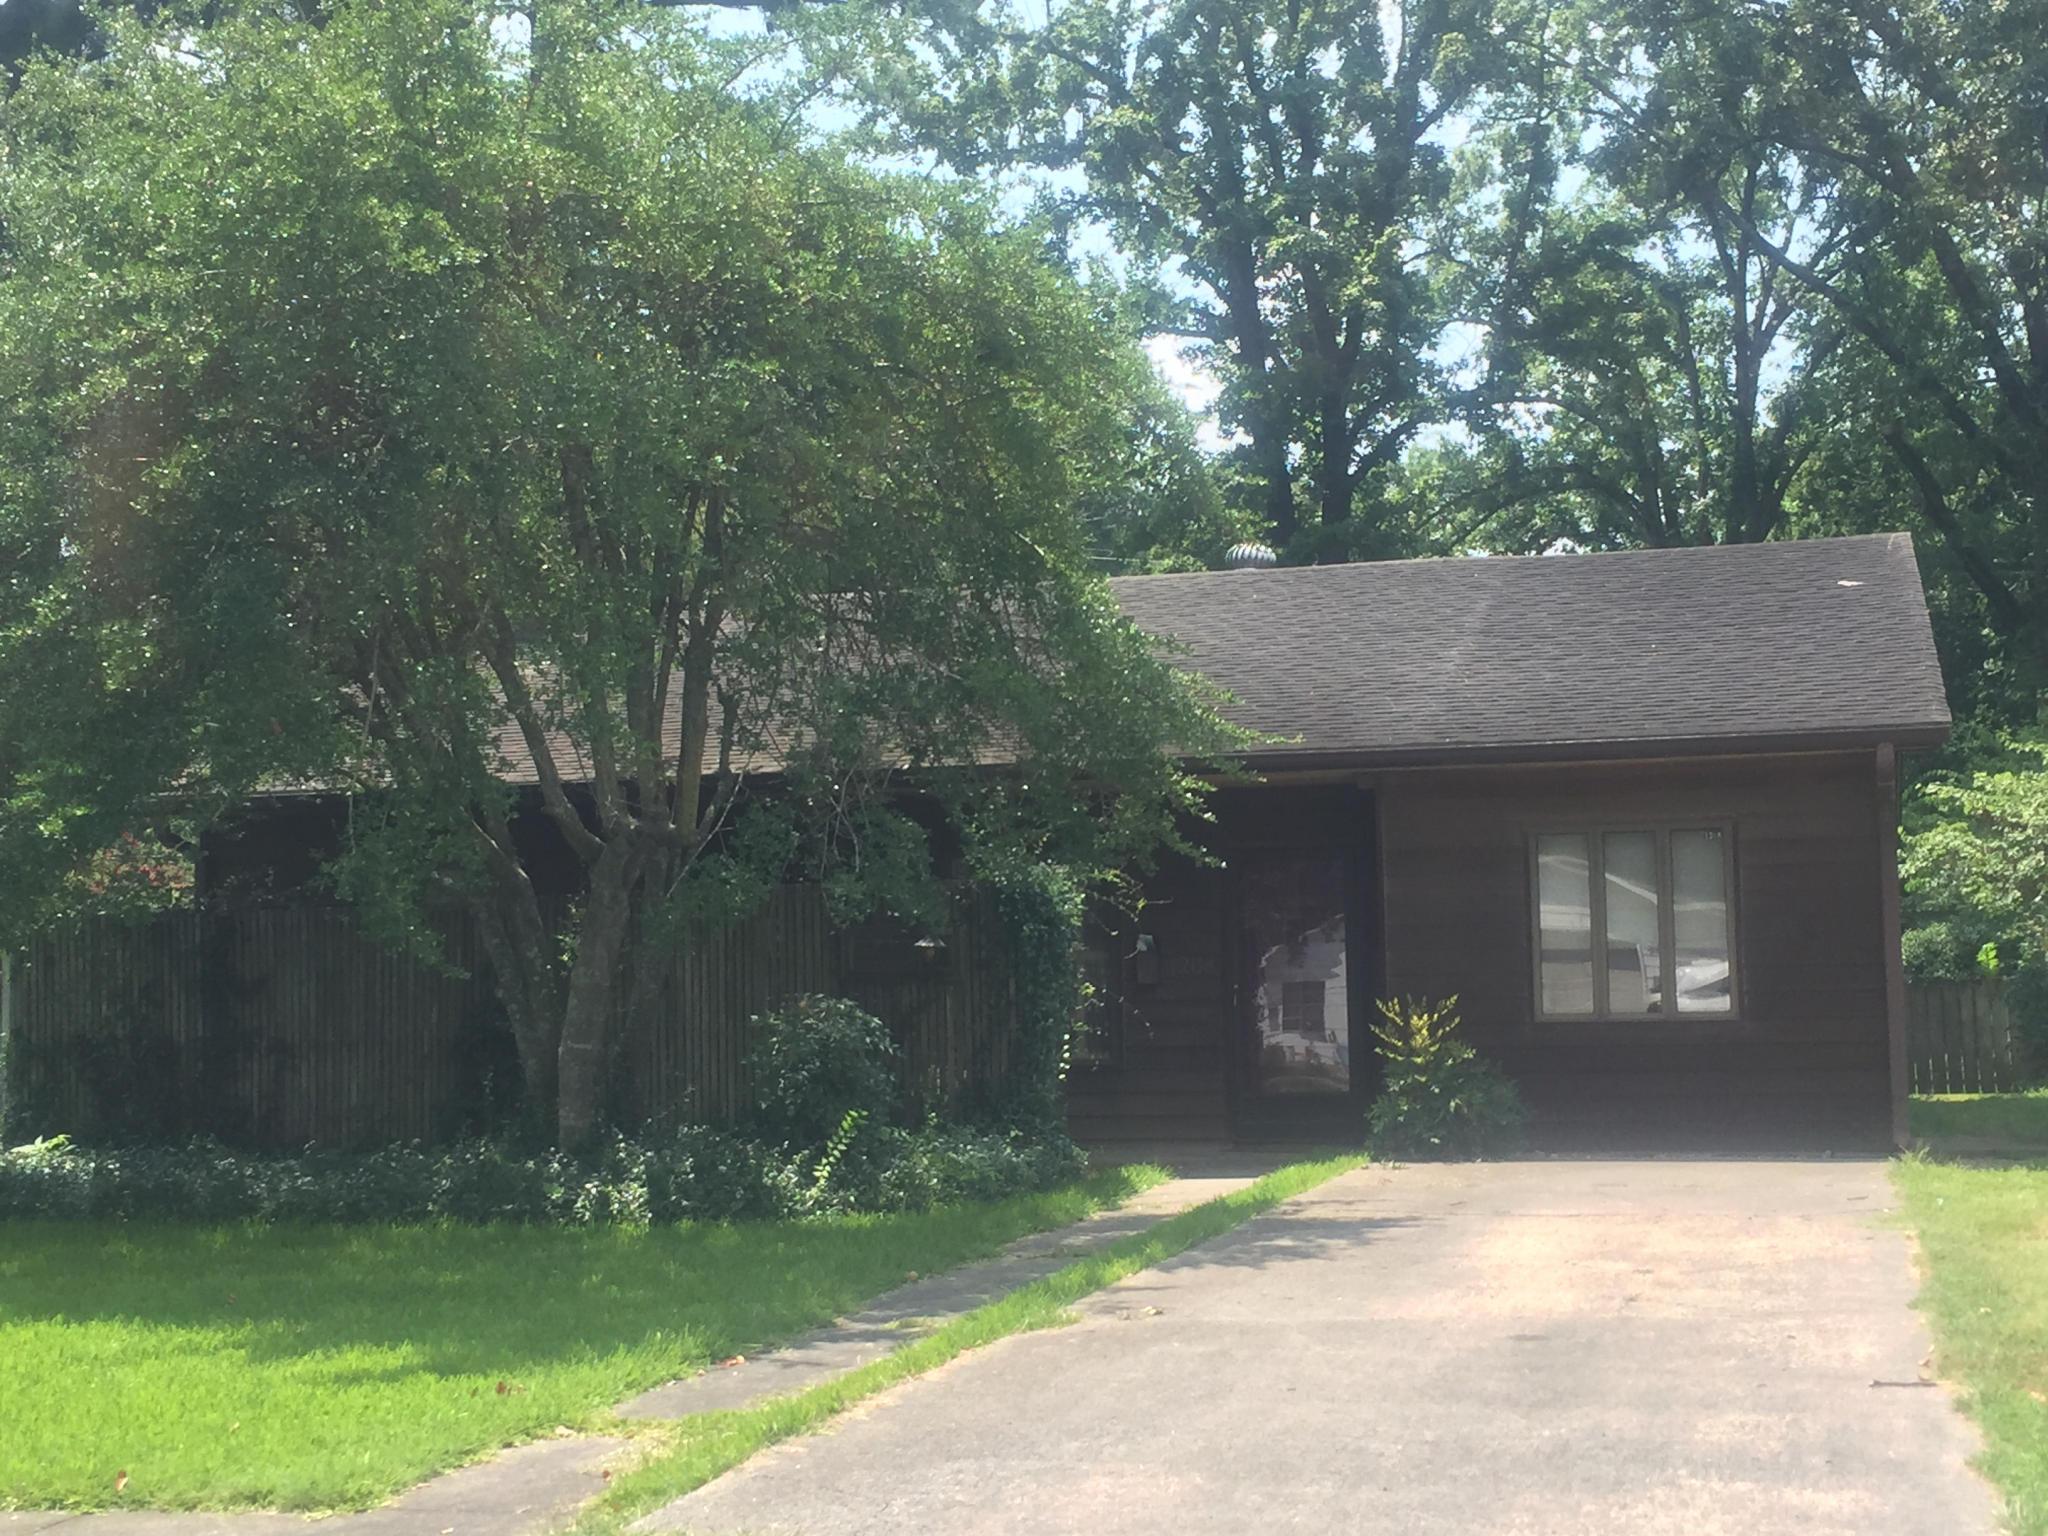 200 W 26th Ave, Pine Bluff, AR 71601